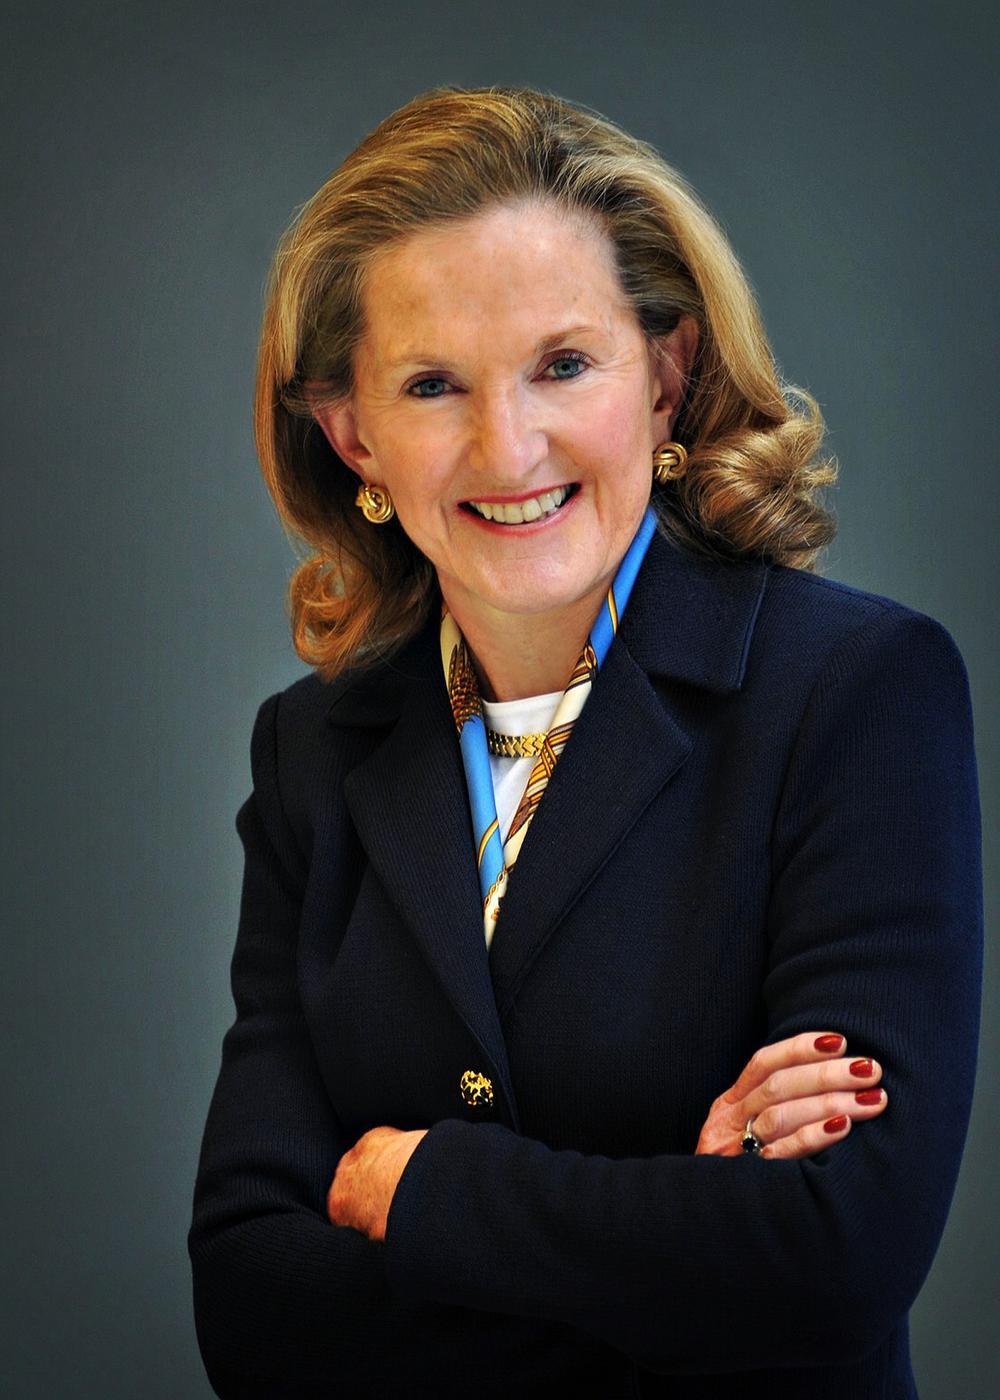 Mary M. Shahian